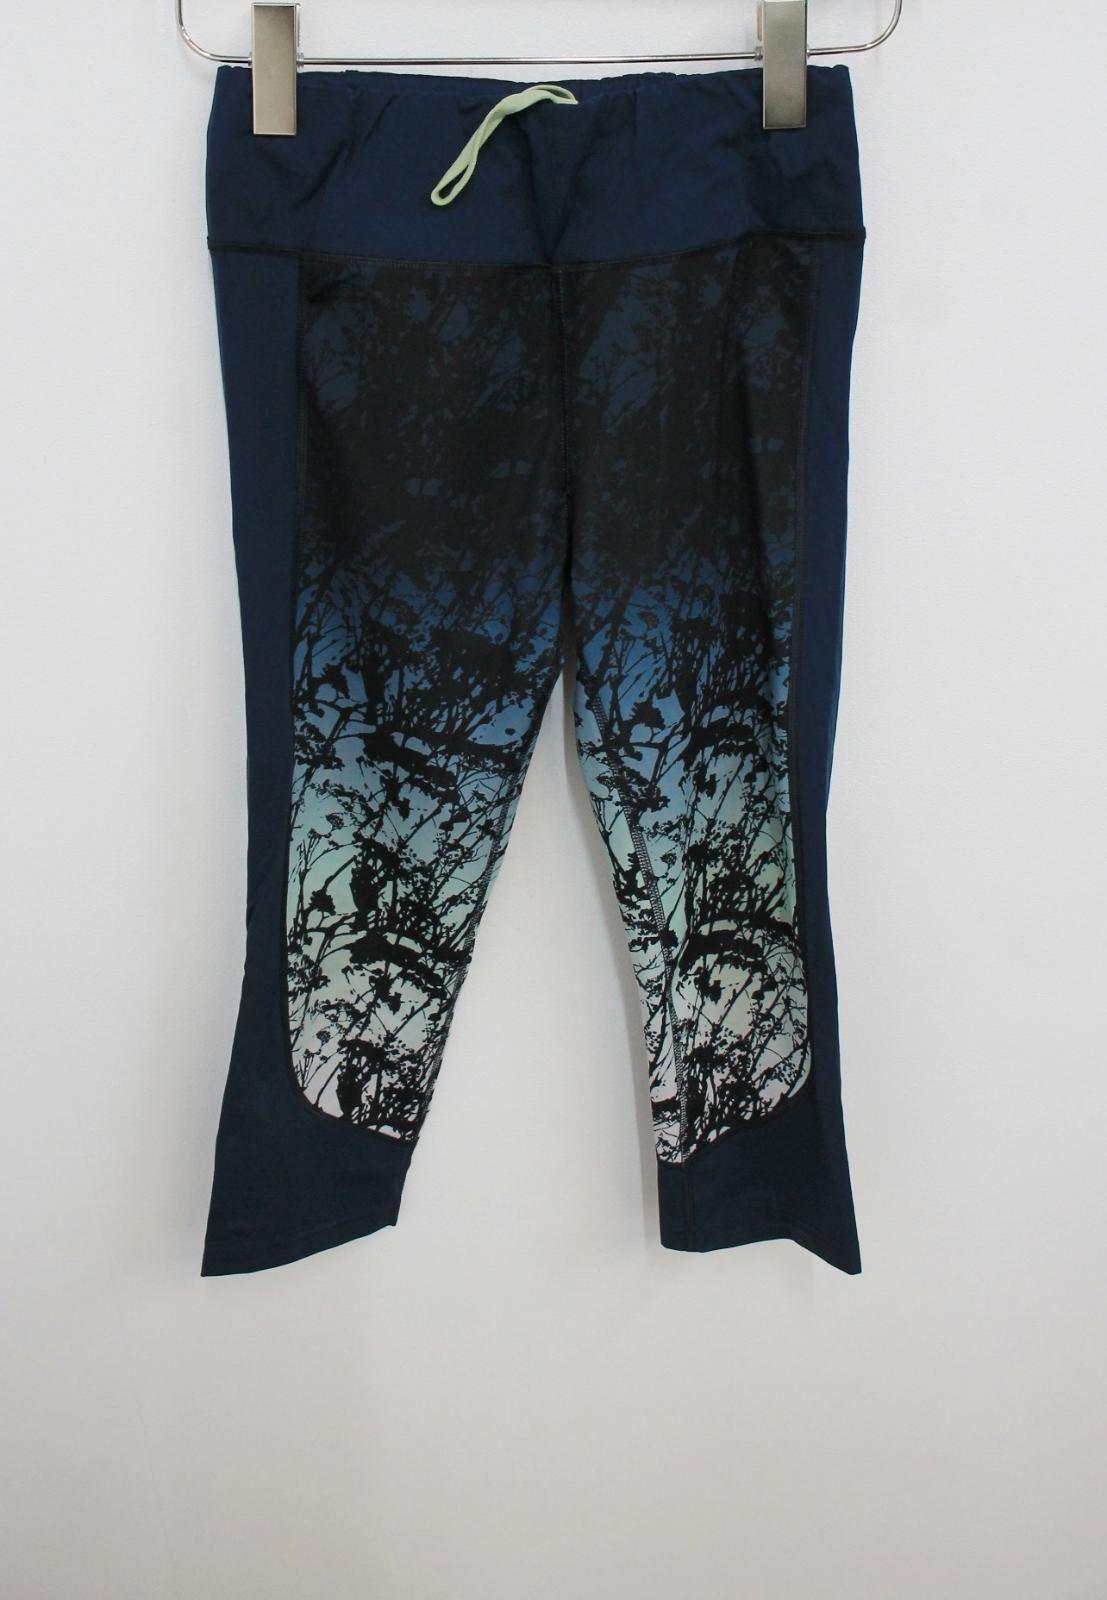 Sweaty-Betty-Damas-Azul-Oscuro-Impreso-Negro-Recortada-Leggings-Talla-S-W26-L18